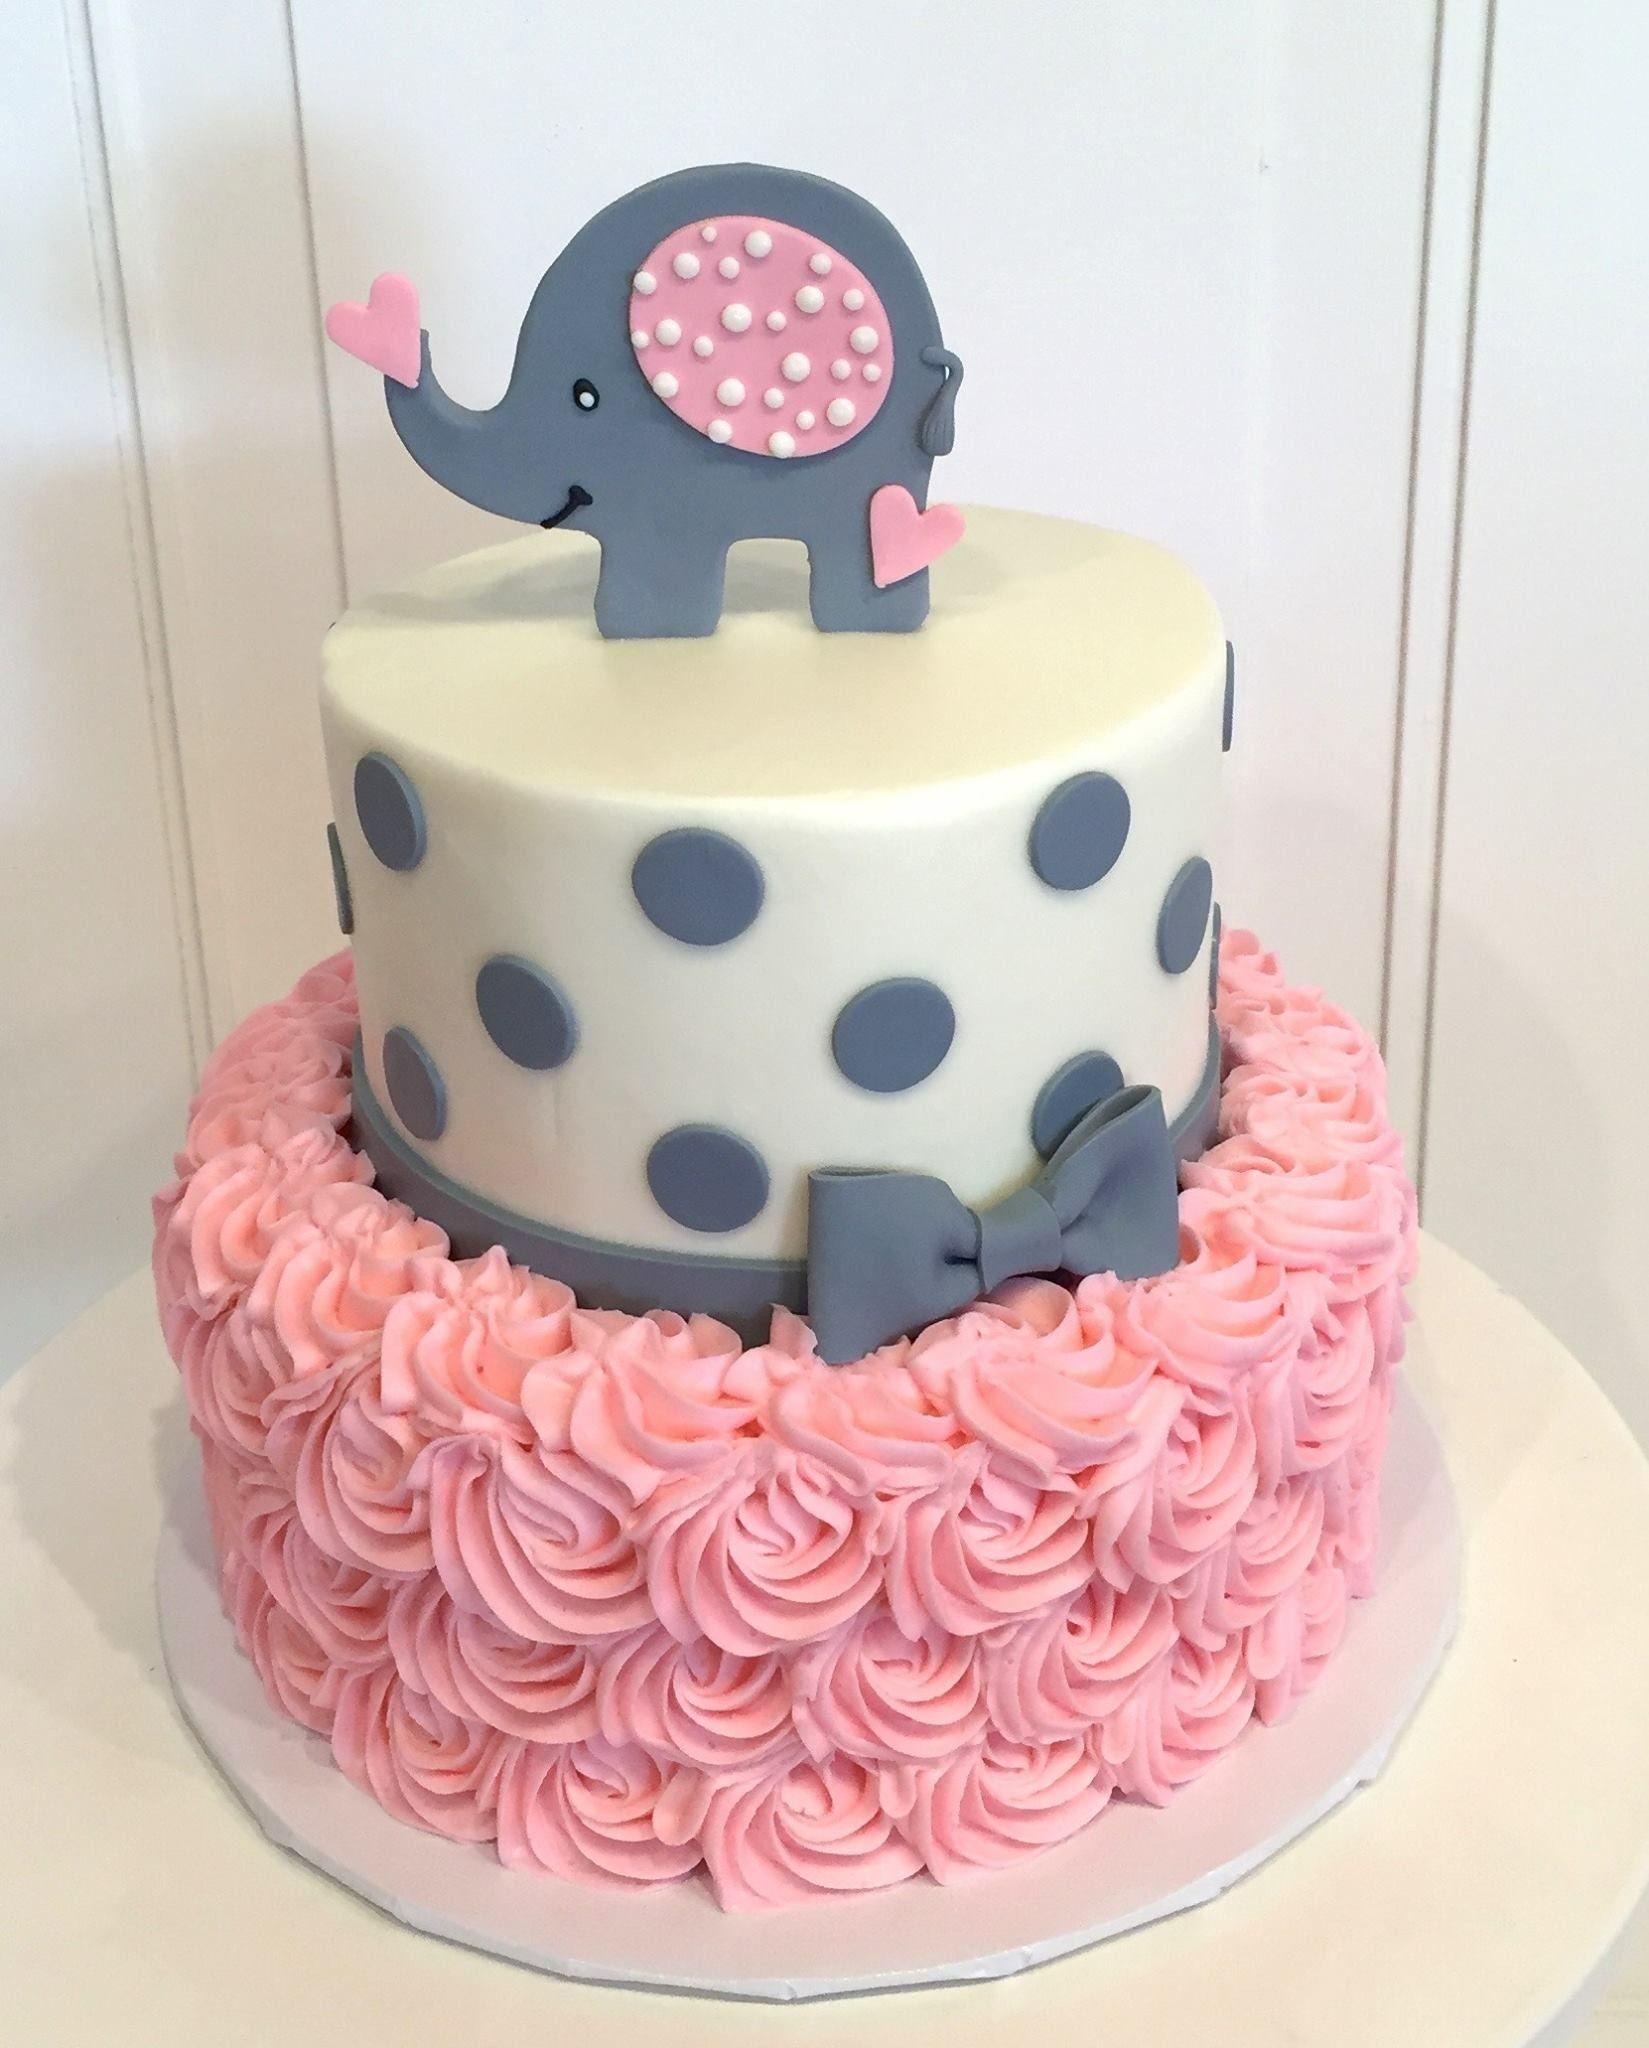 Pin de Katherine Weathers en Cake cake cake cake cake cake cake cake ...